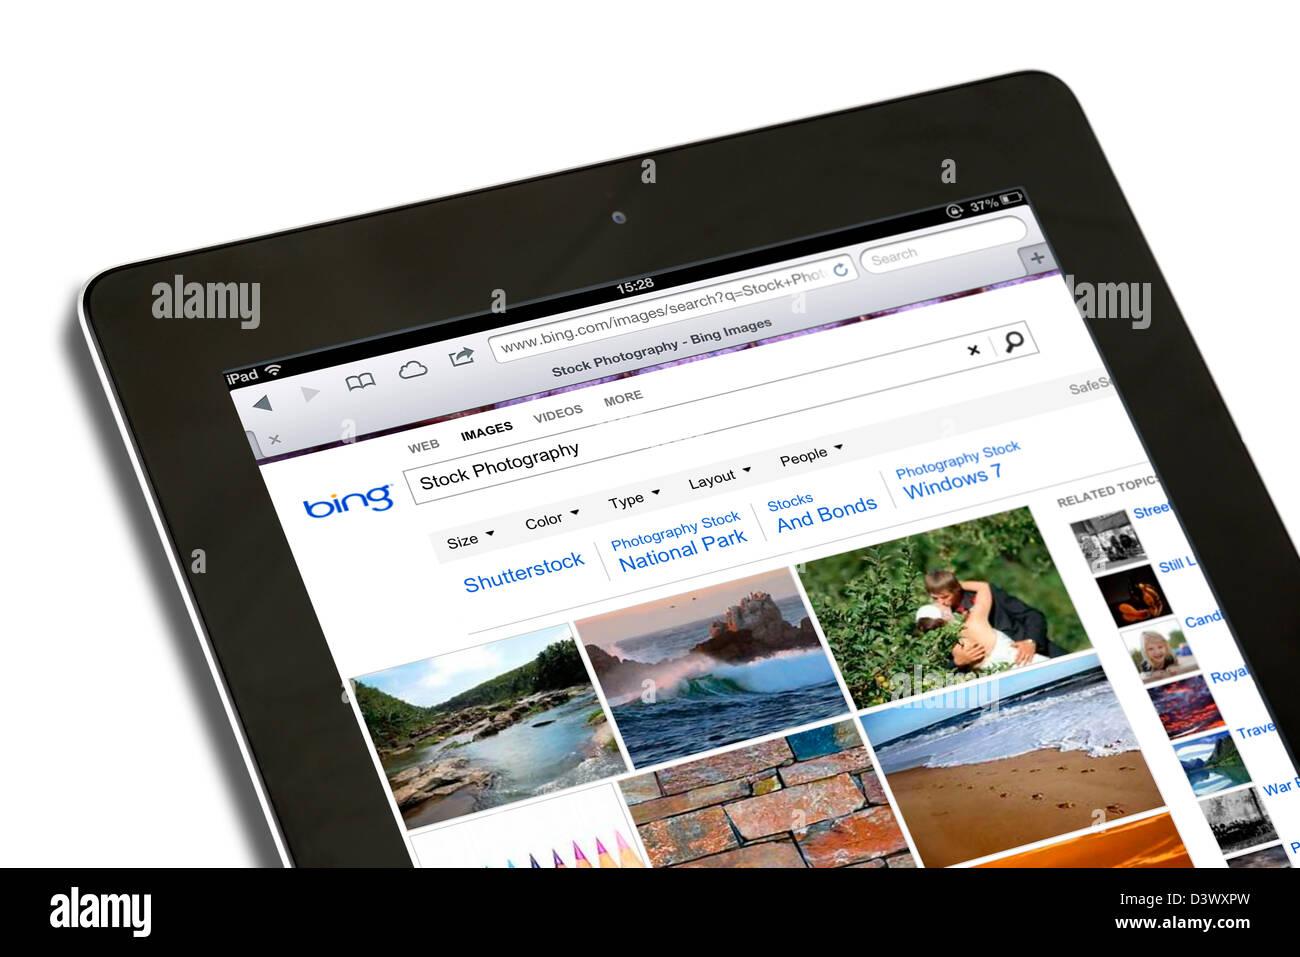 Bing Search sur un iPad 4e génération Photo Stock